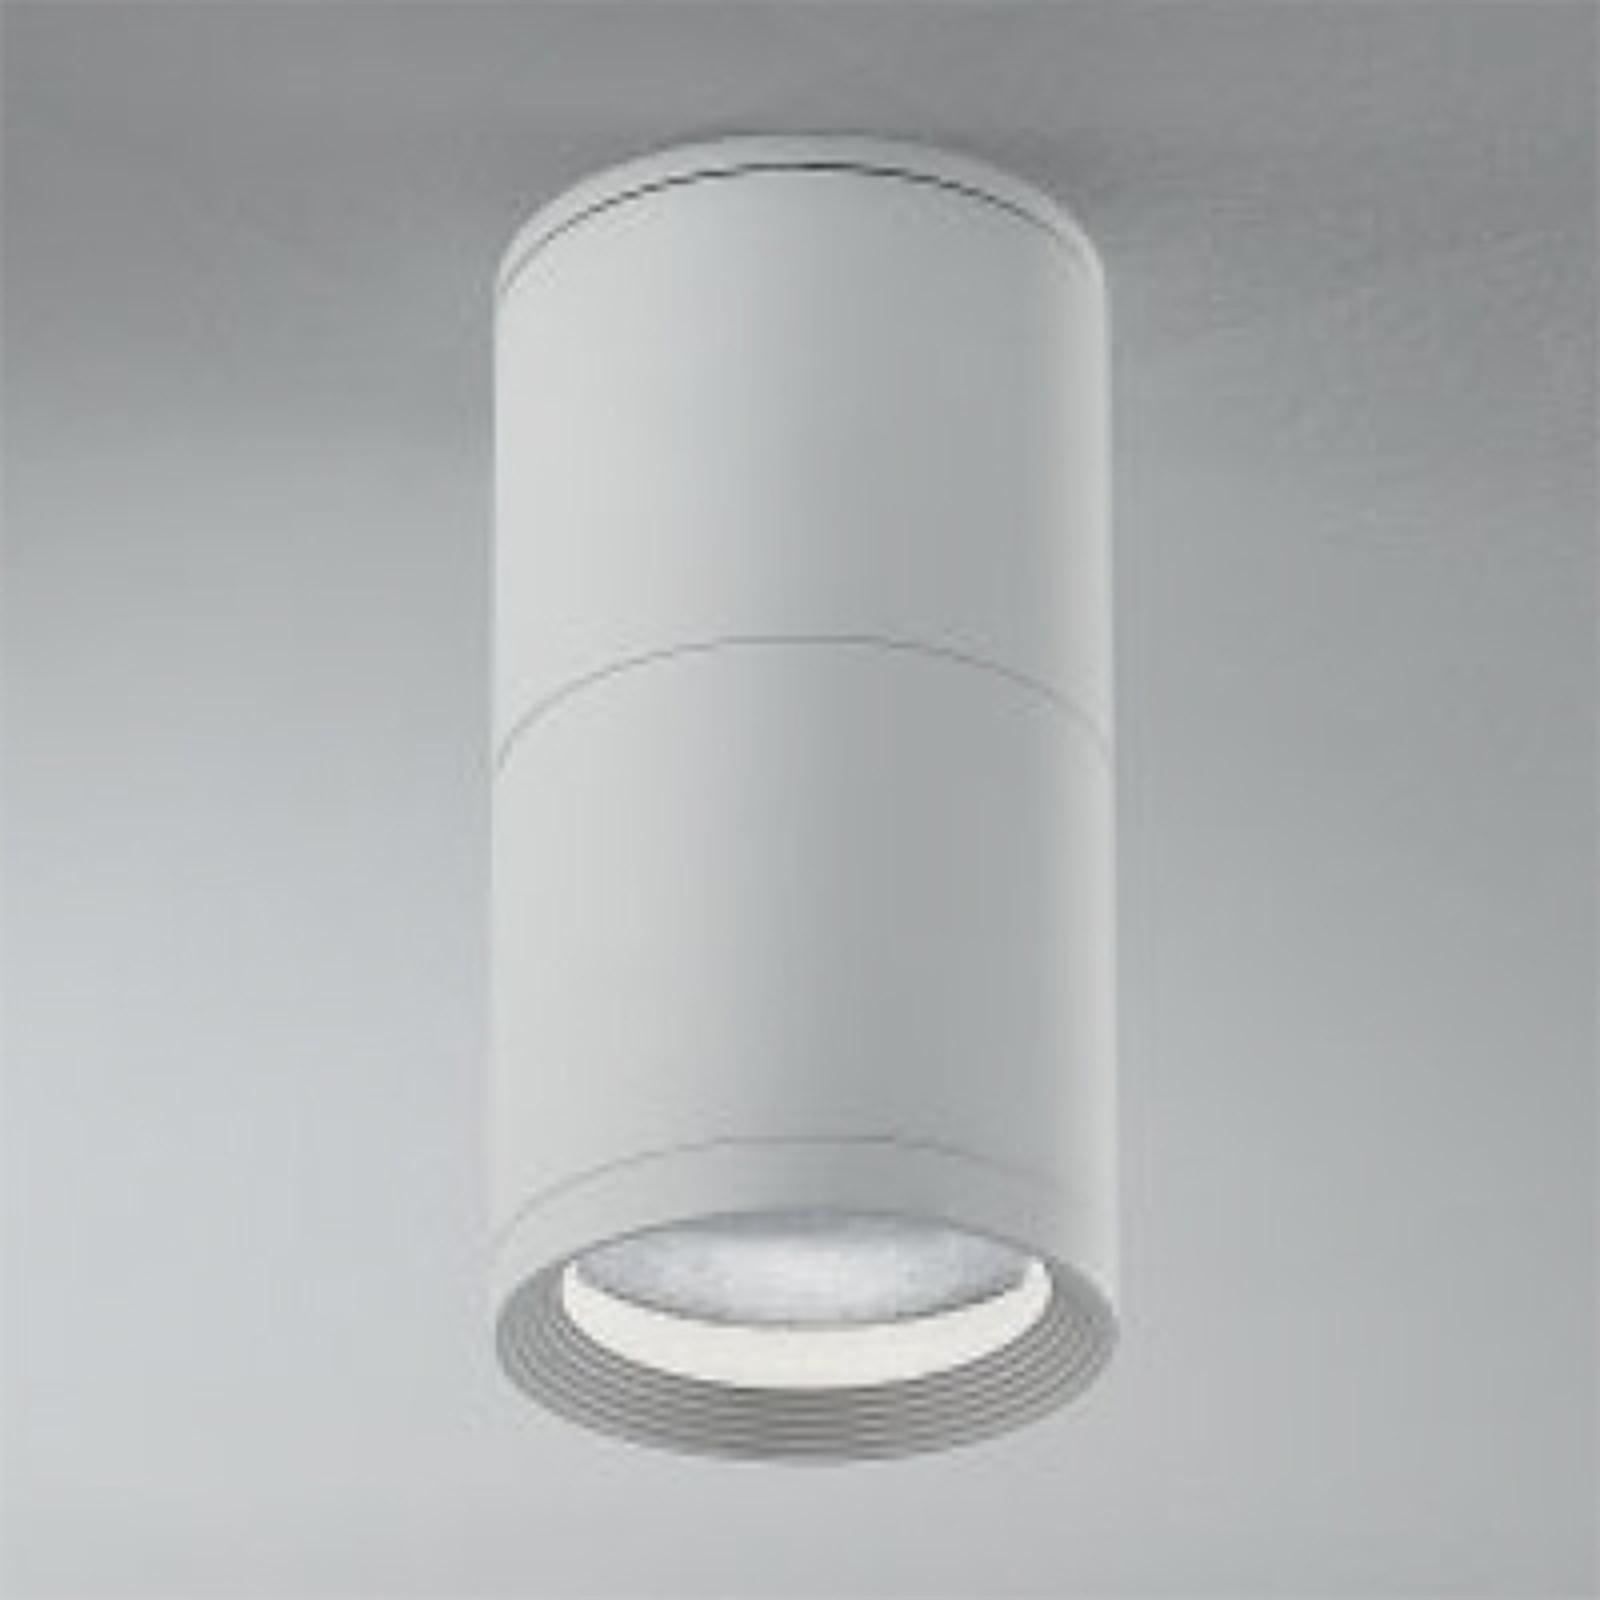 Moderne plafondspot CL 15 wit